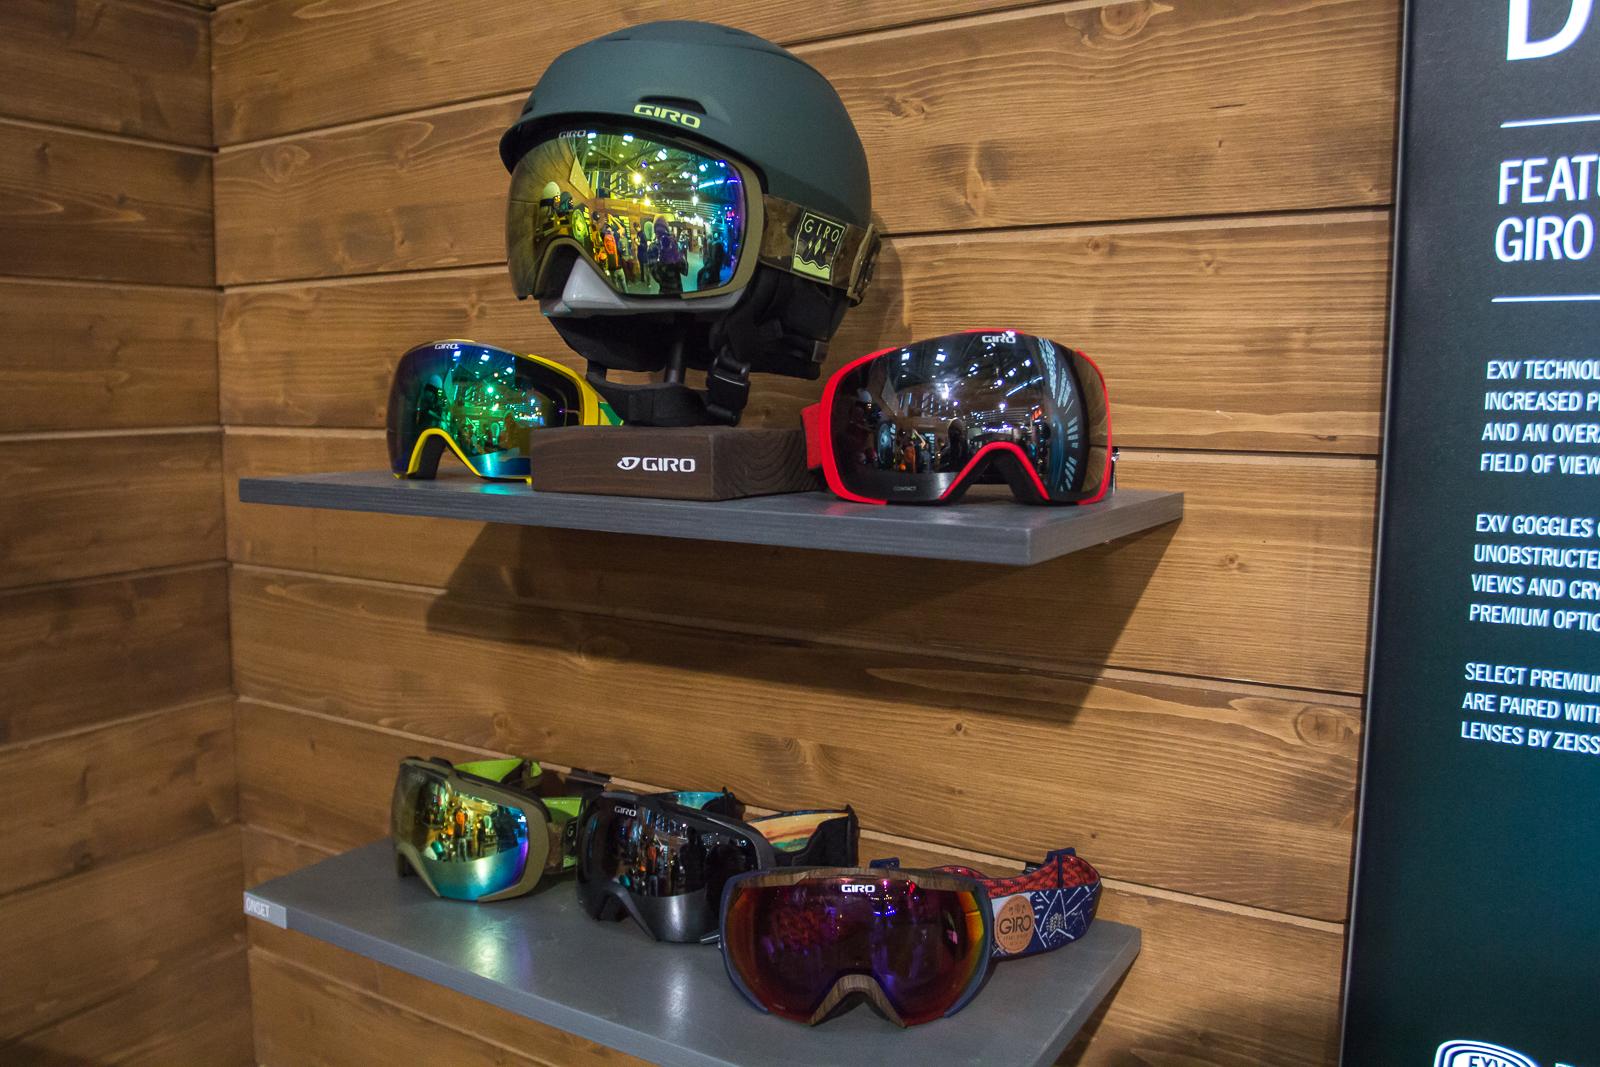 Sehen nicht nur schick aus, sondern bieten auch jede Menge Funktionen: Die neuen Giro Helmets und Goggles